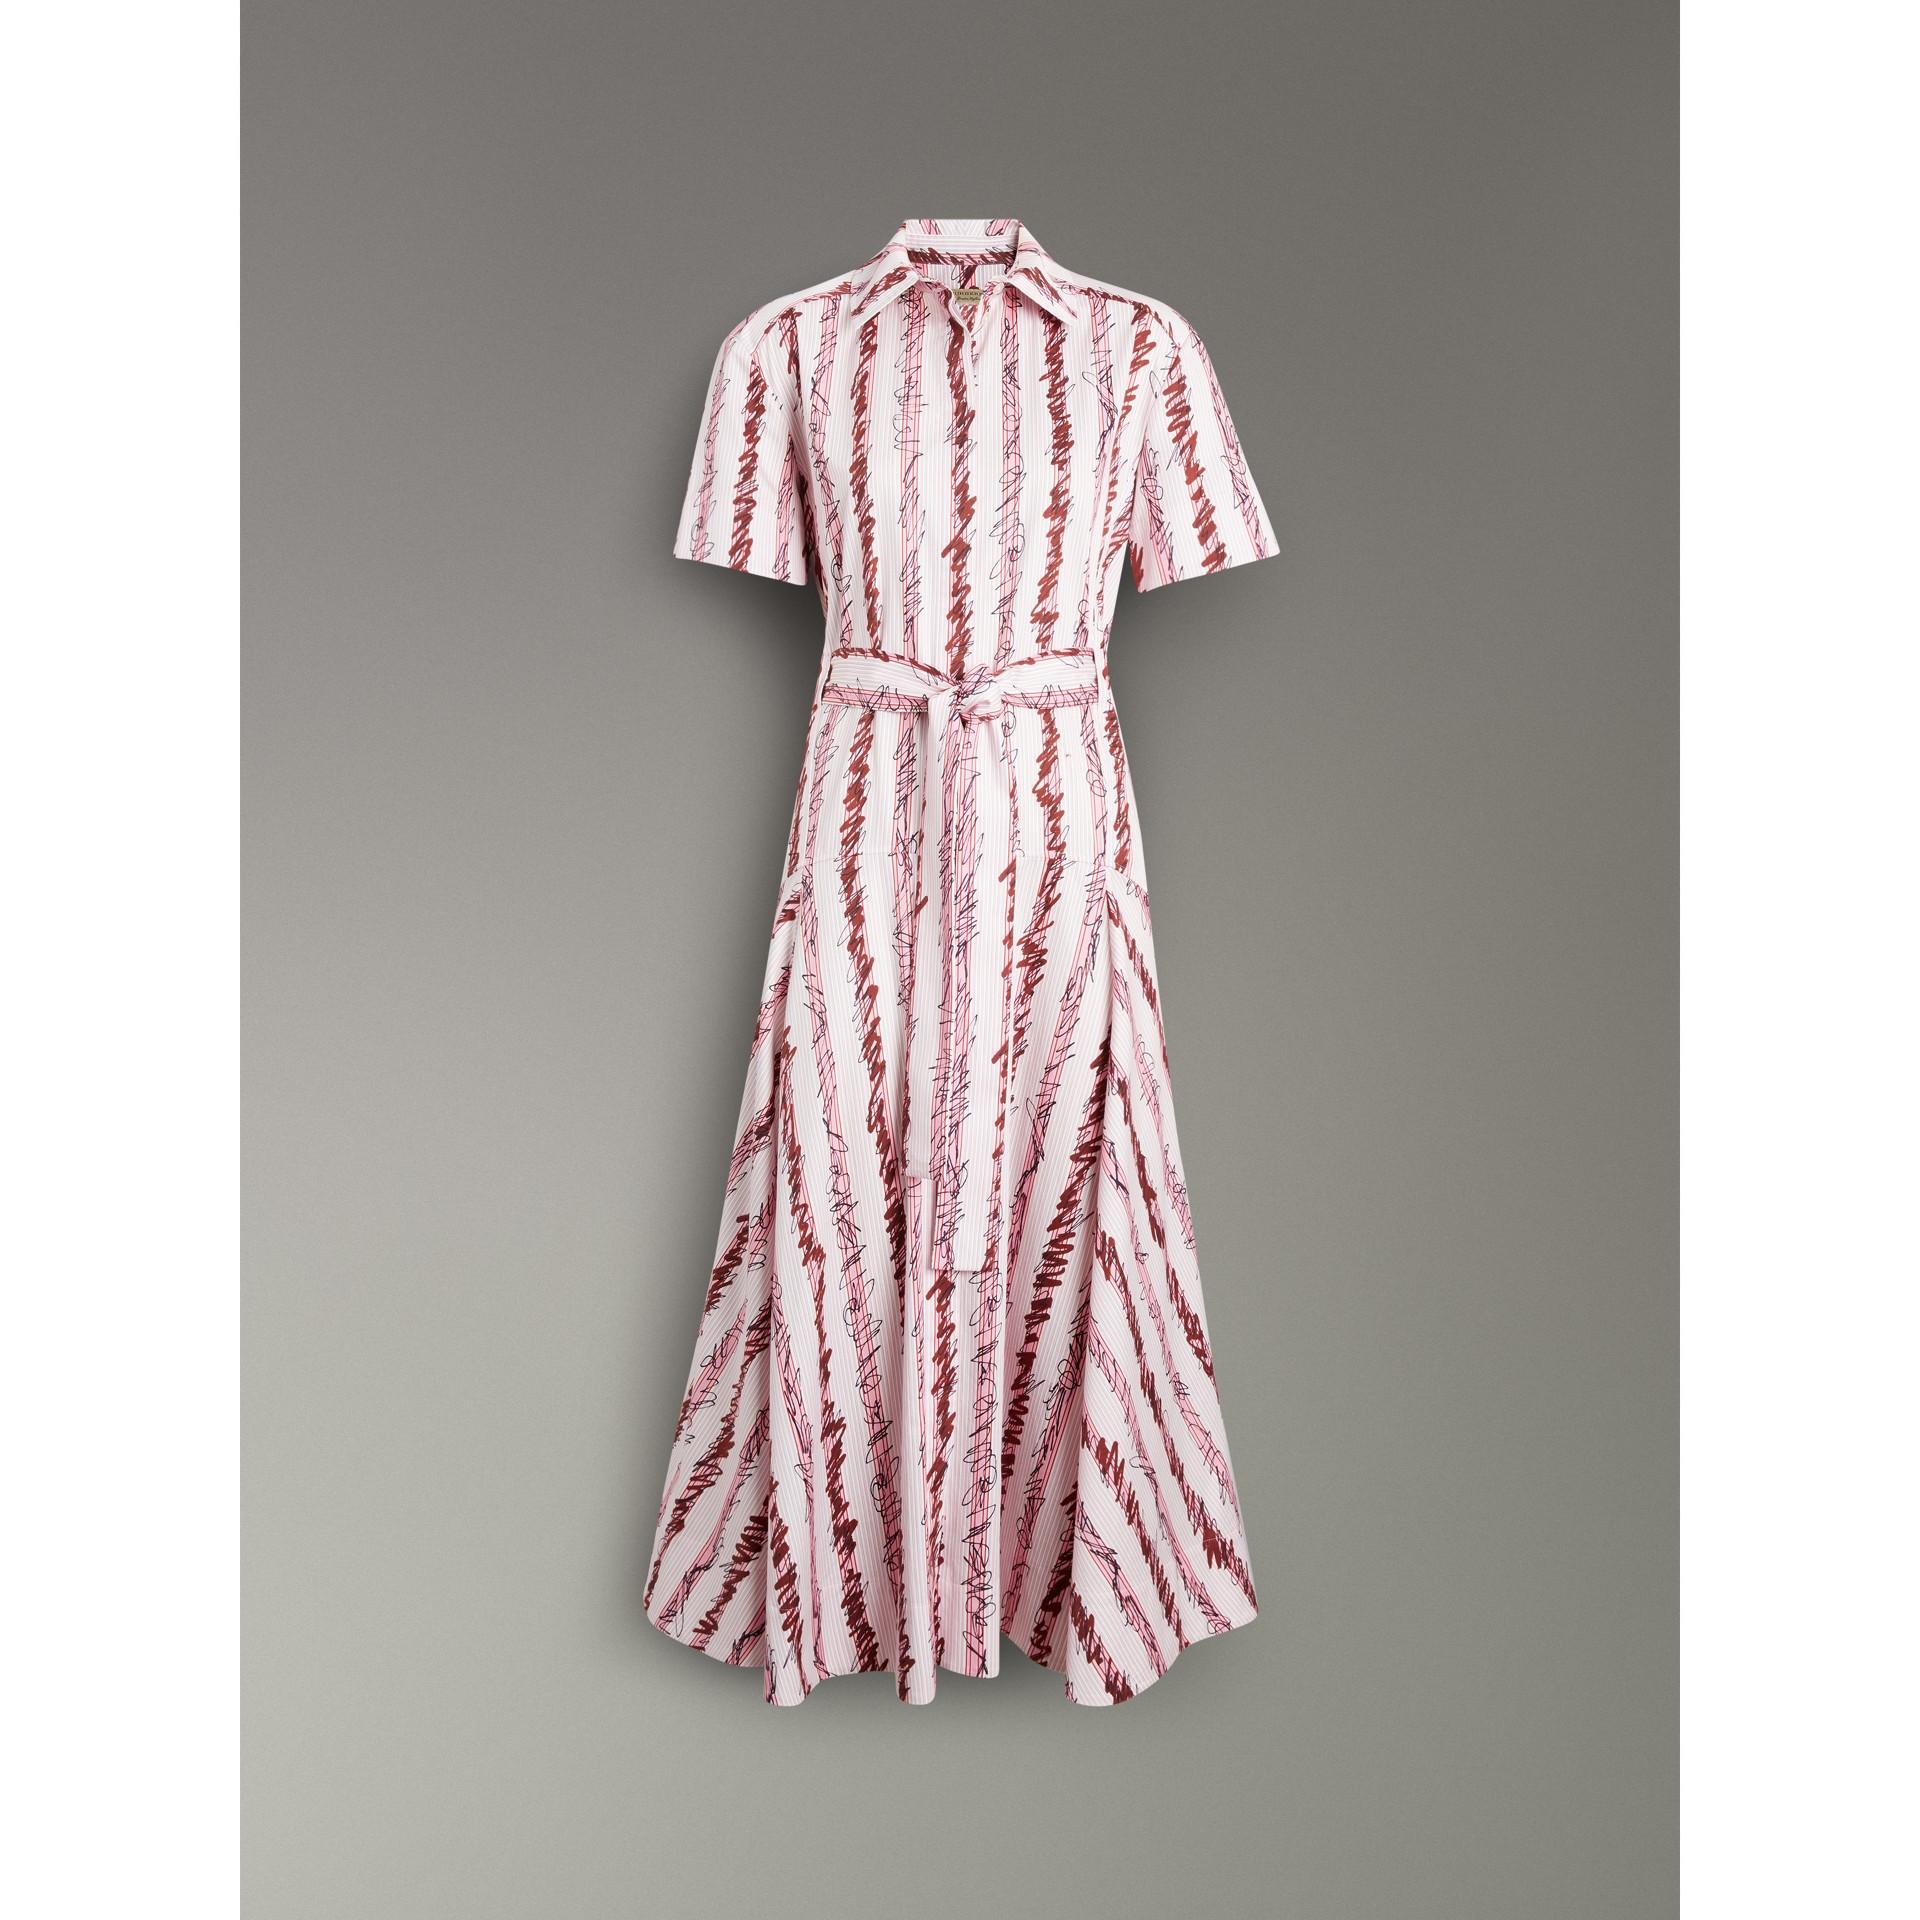 スクリブルストライプ コットン シャツドレス (ライトピンク) - ウィメンズ | バーバリー - ギャラリーイメージ 3